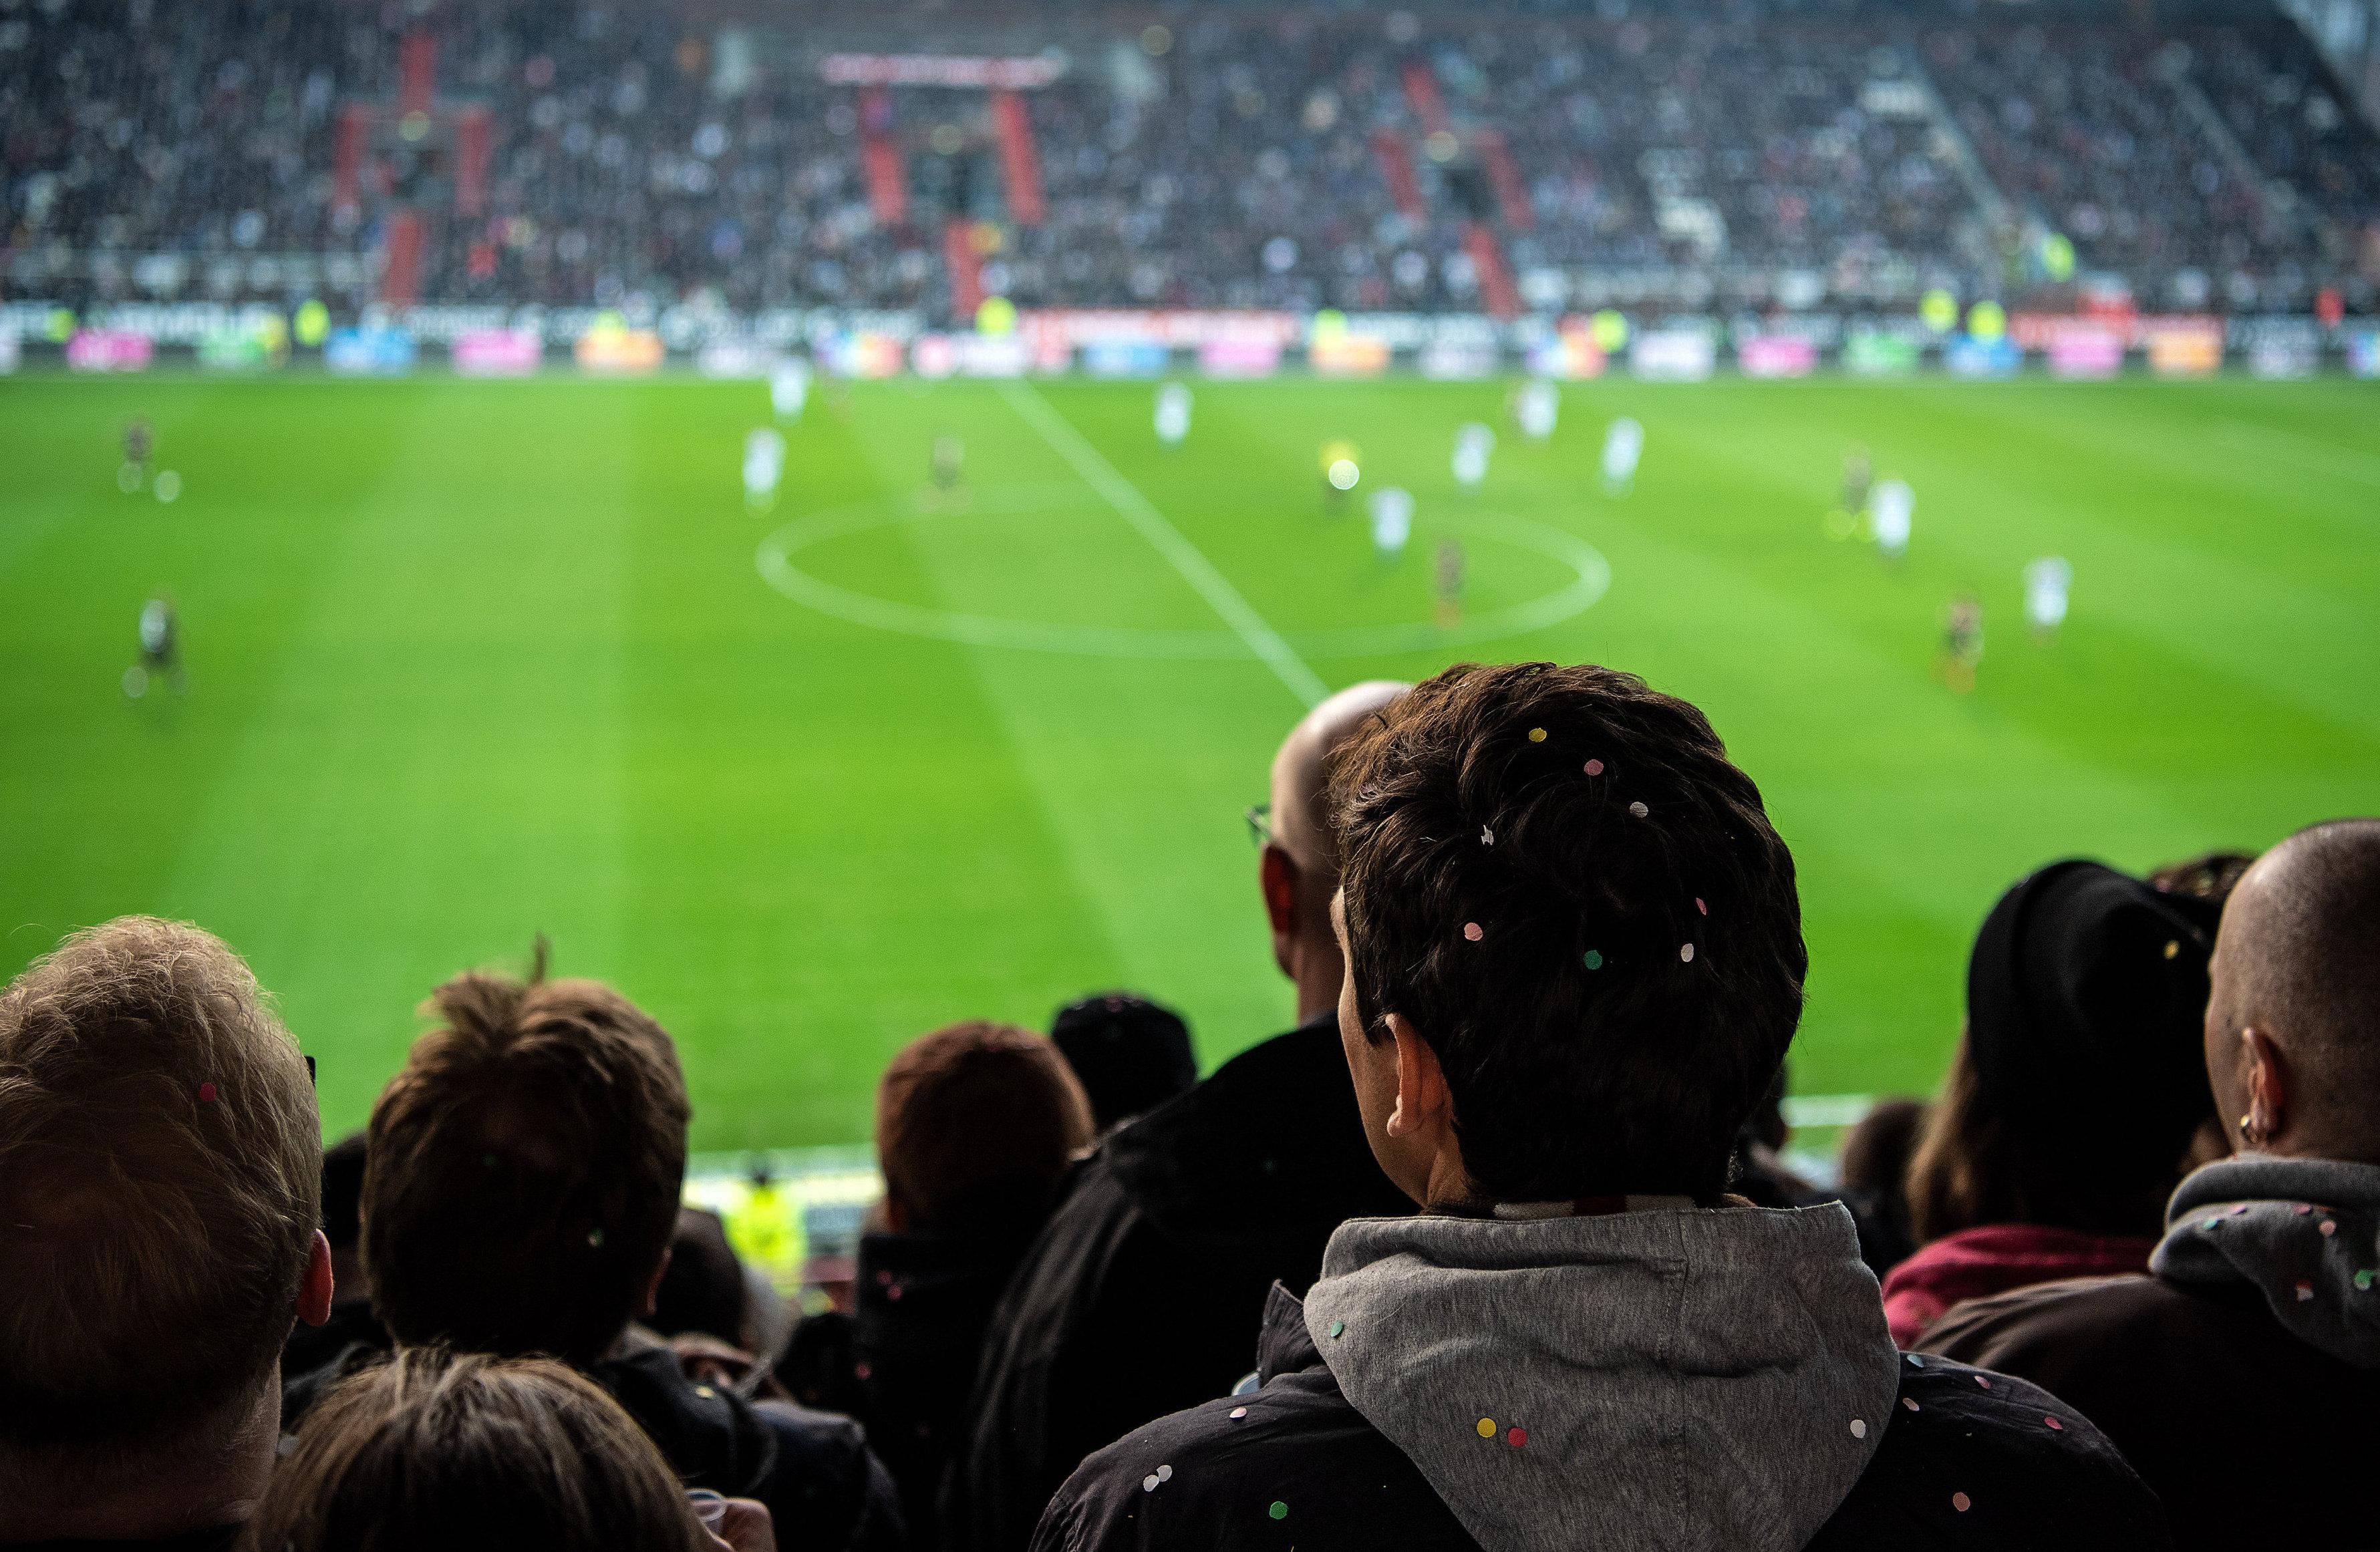 Eintrittspreise beim FC St. Pauli bleiben in 2. Liga unverändert